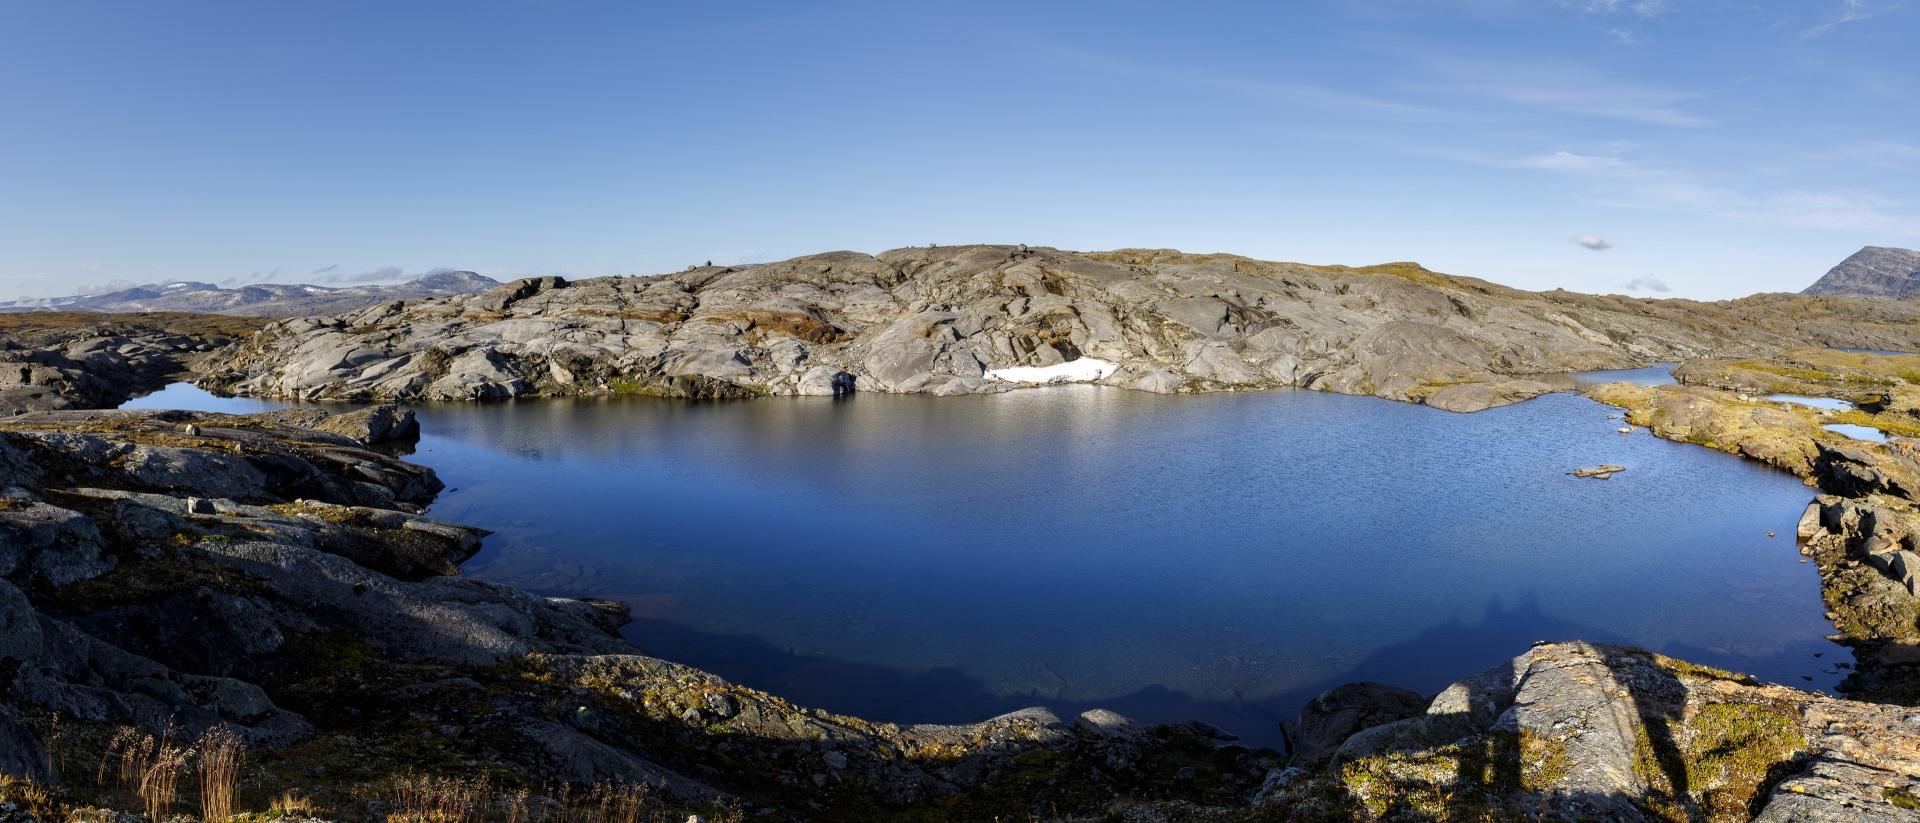 Namenloser See süd-östlich des Bjørnvatnet